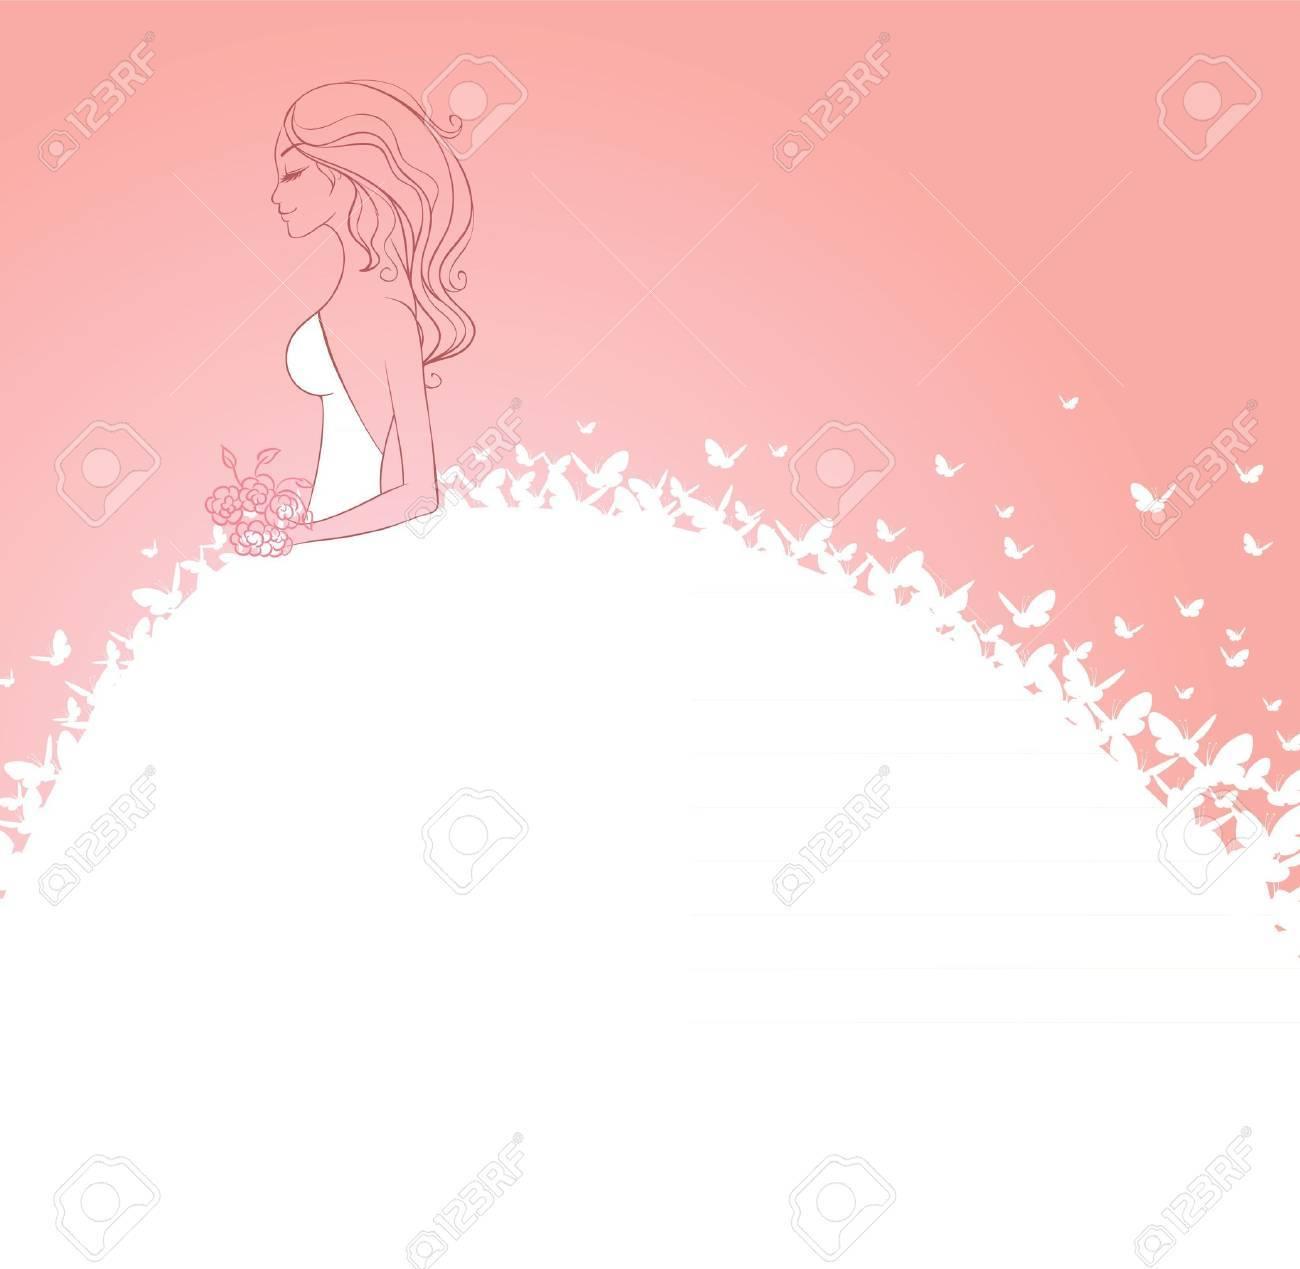 Ilustración Vectorial De Novia En Vestido Blanco Ilustraciones ...